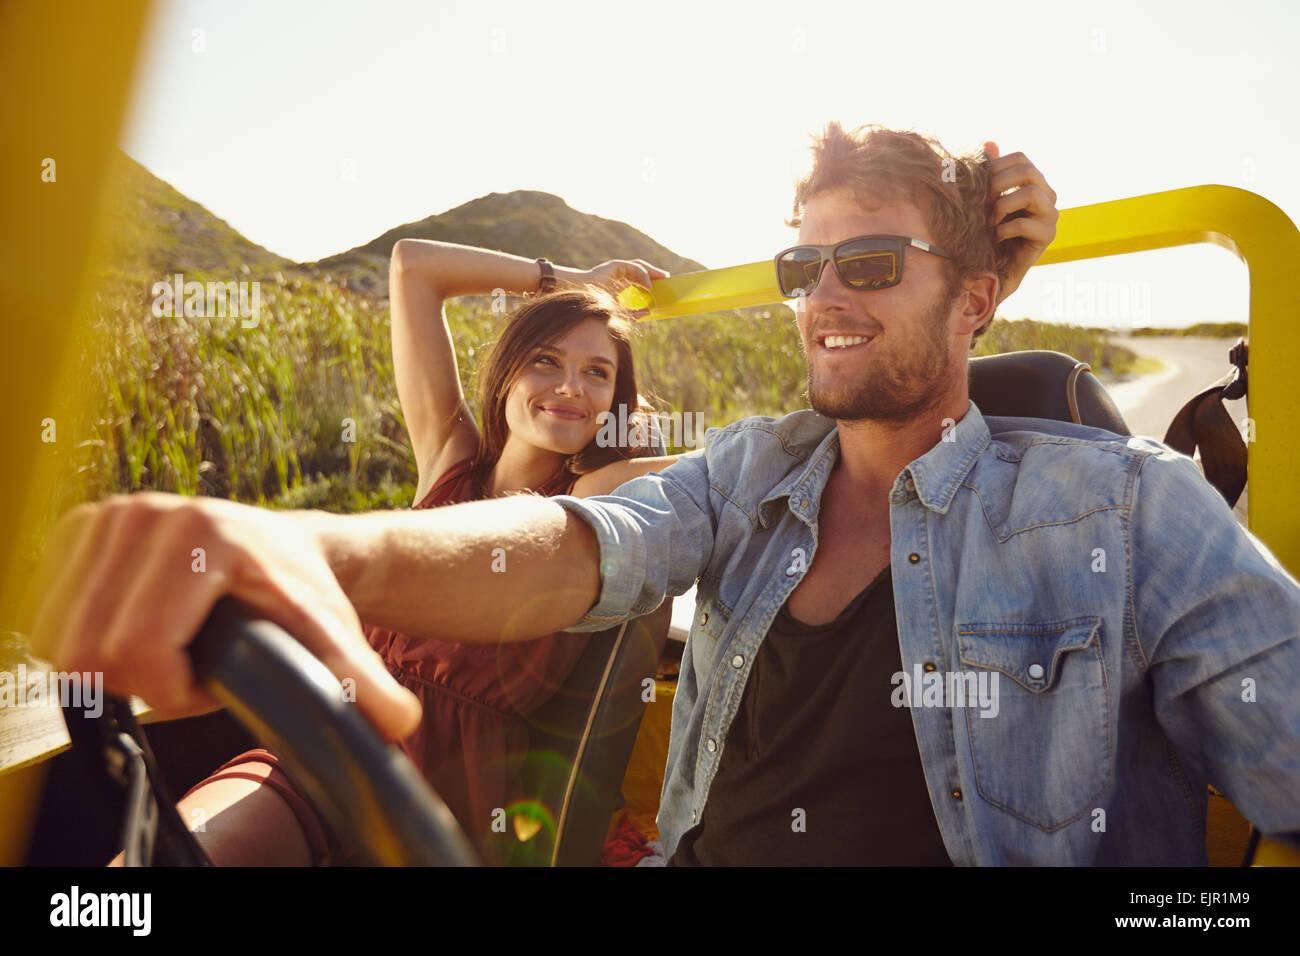 Mujer mirando al hombre que conducía el coche en un día de verano. Joven pareja amorosa en viaje por carretera. Imagen De Stock